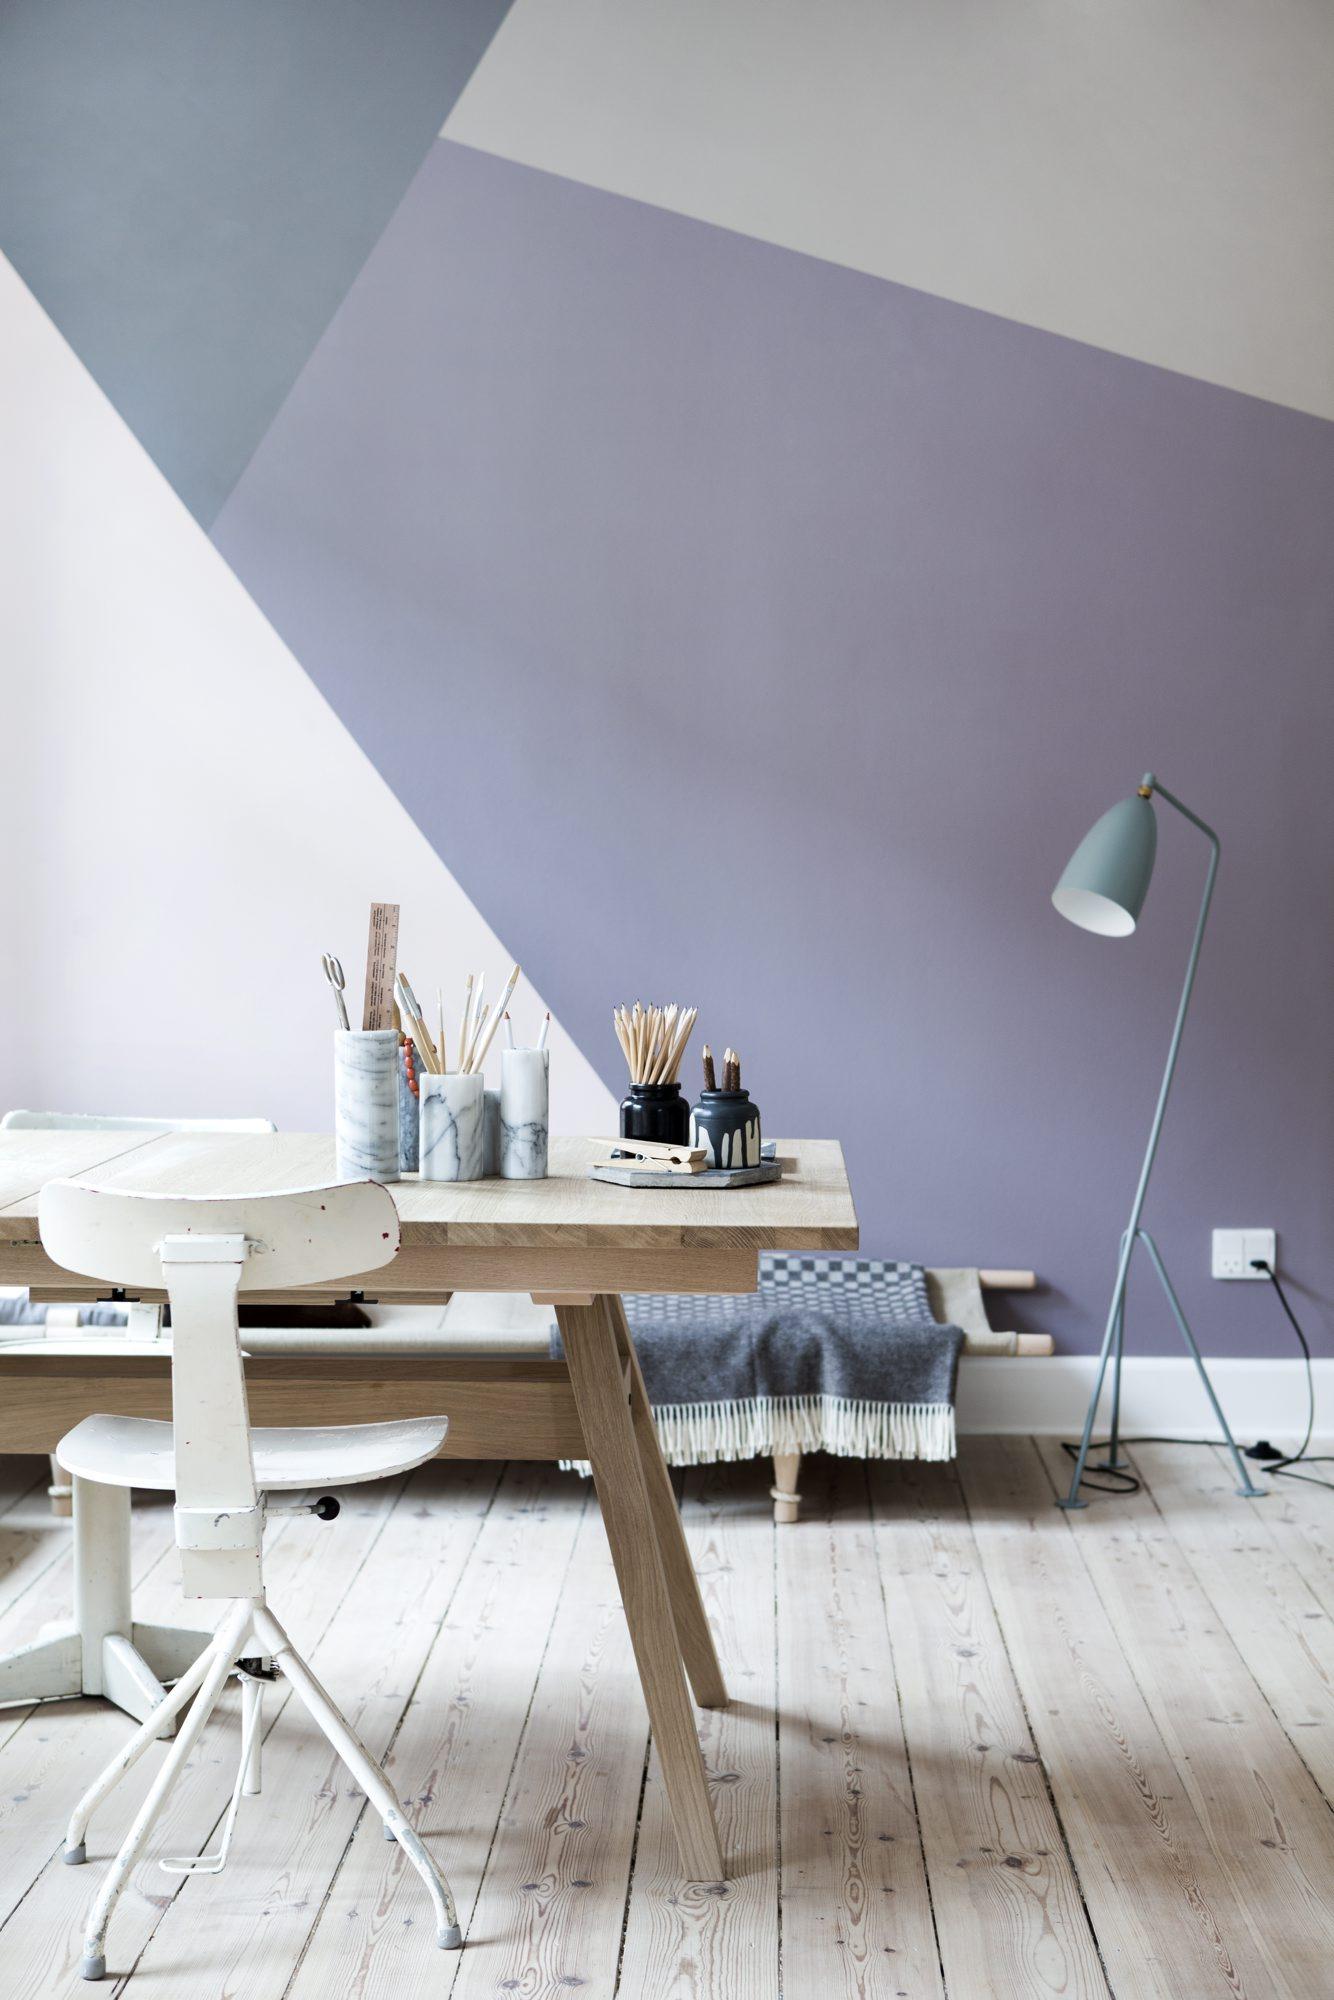 Kontorplass med rimelige løsninger og fine farger